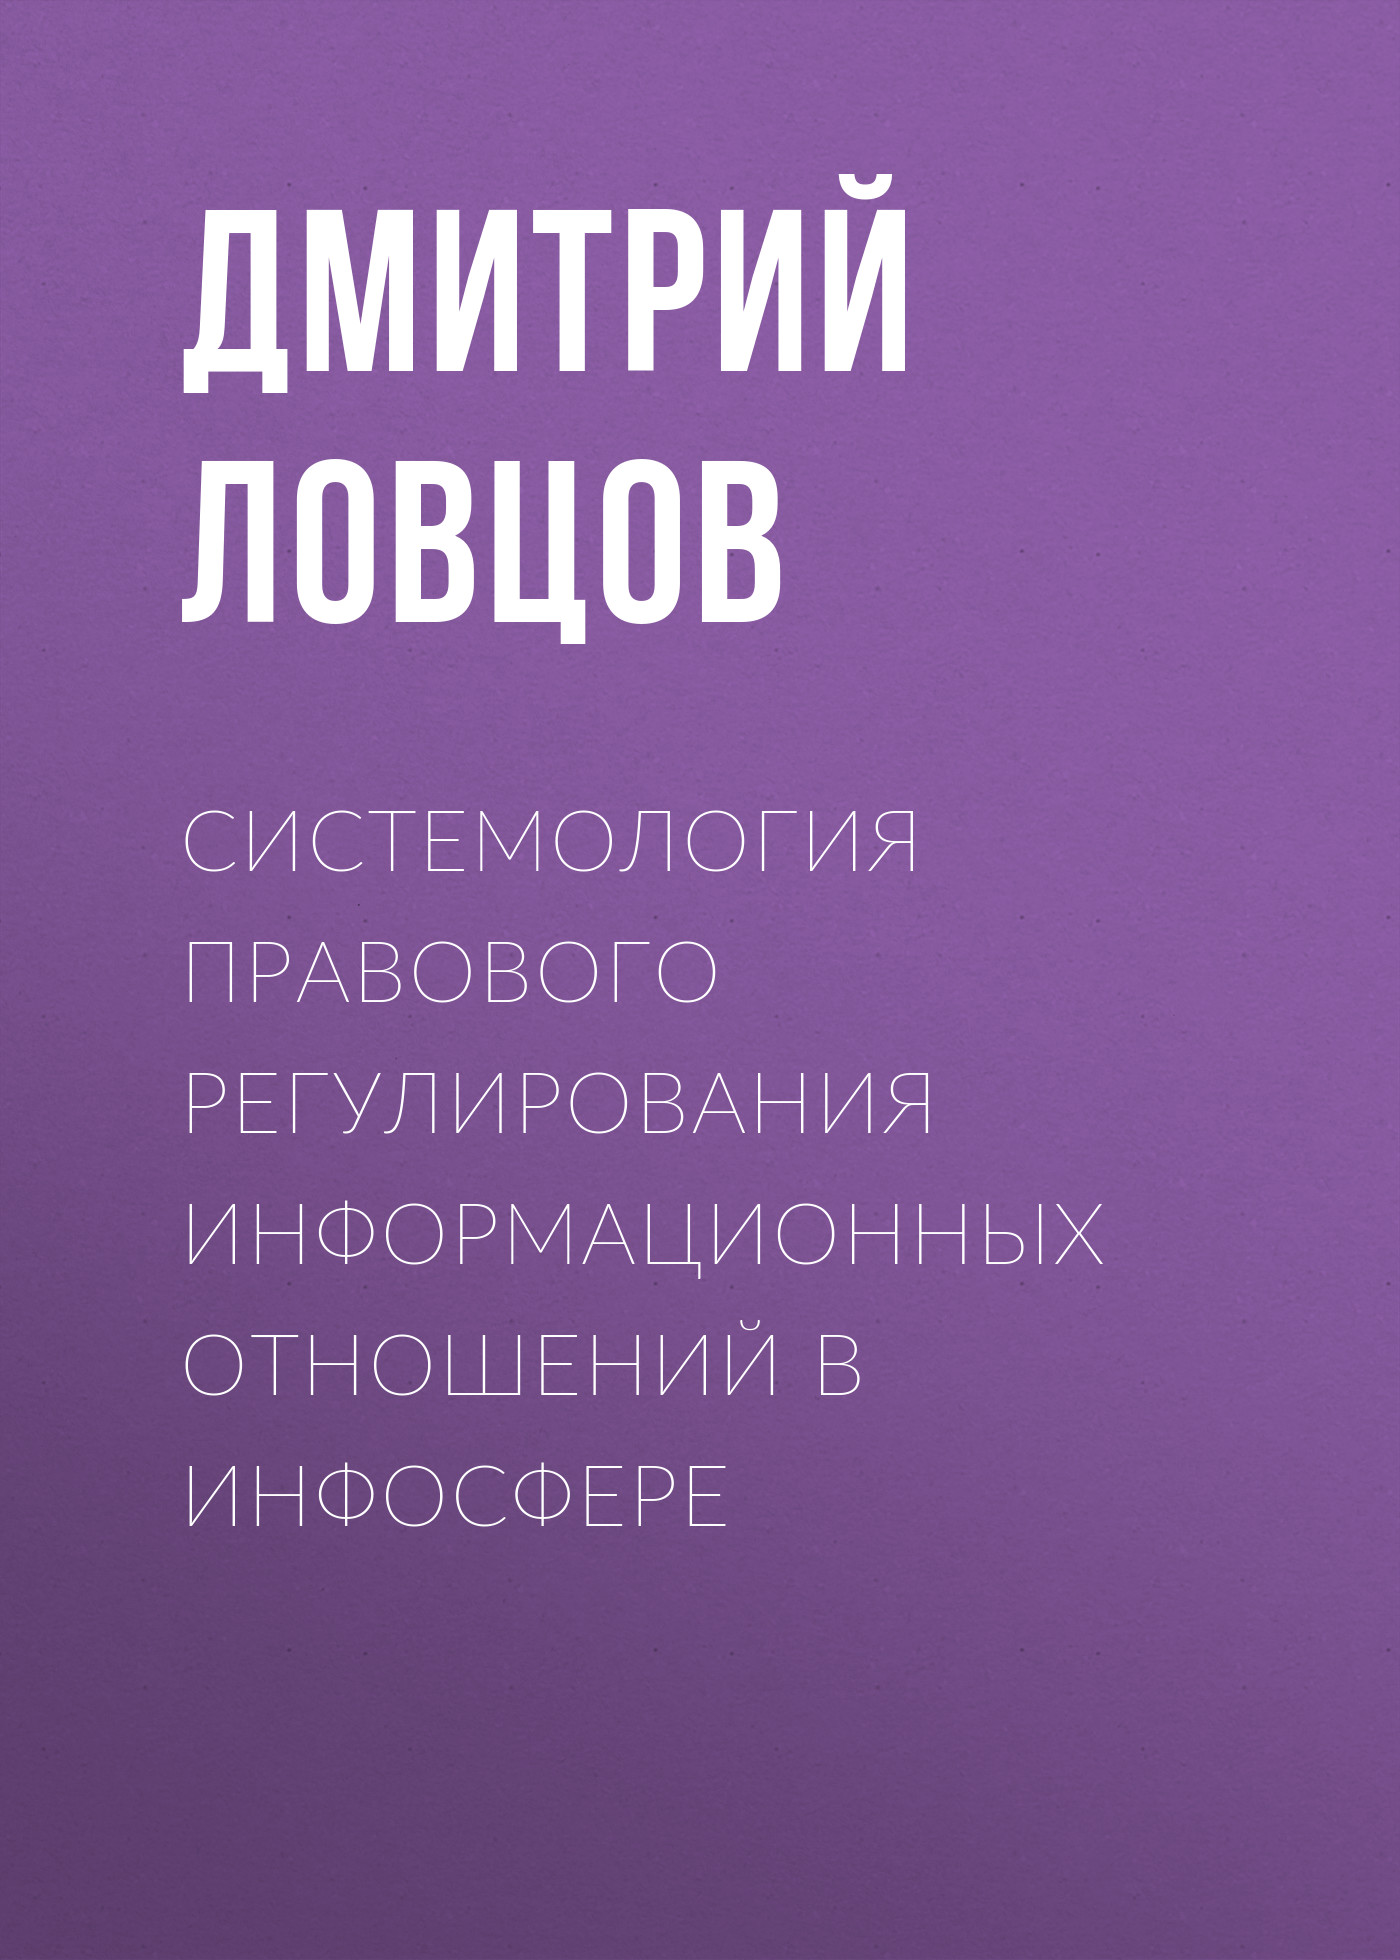 Д. А. Ловцов Системология правового регулирования информационных отношений в инфосфере